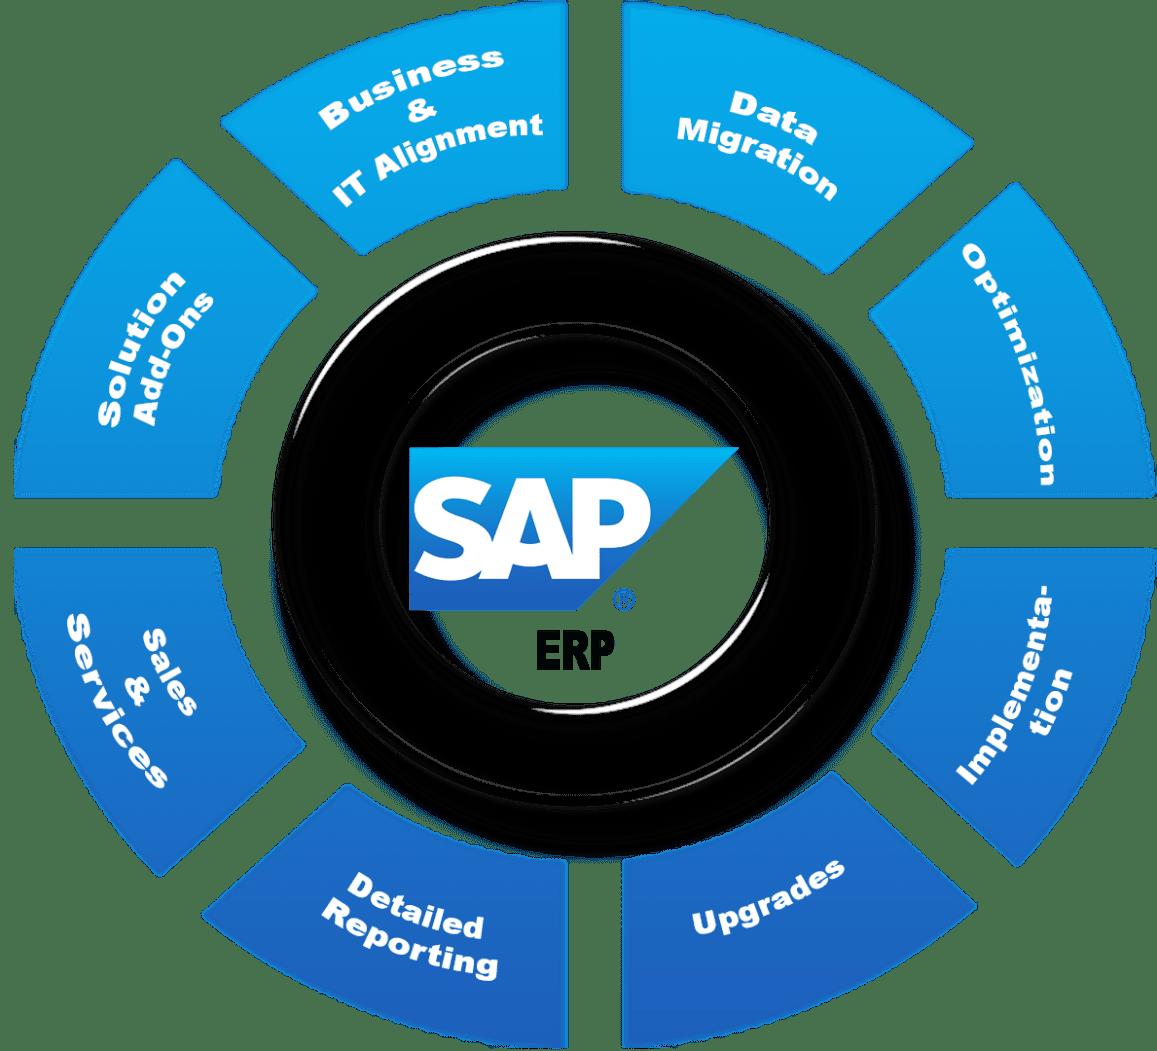 Программа SAP что это